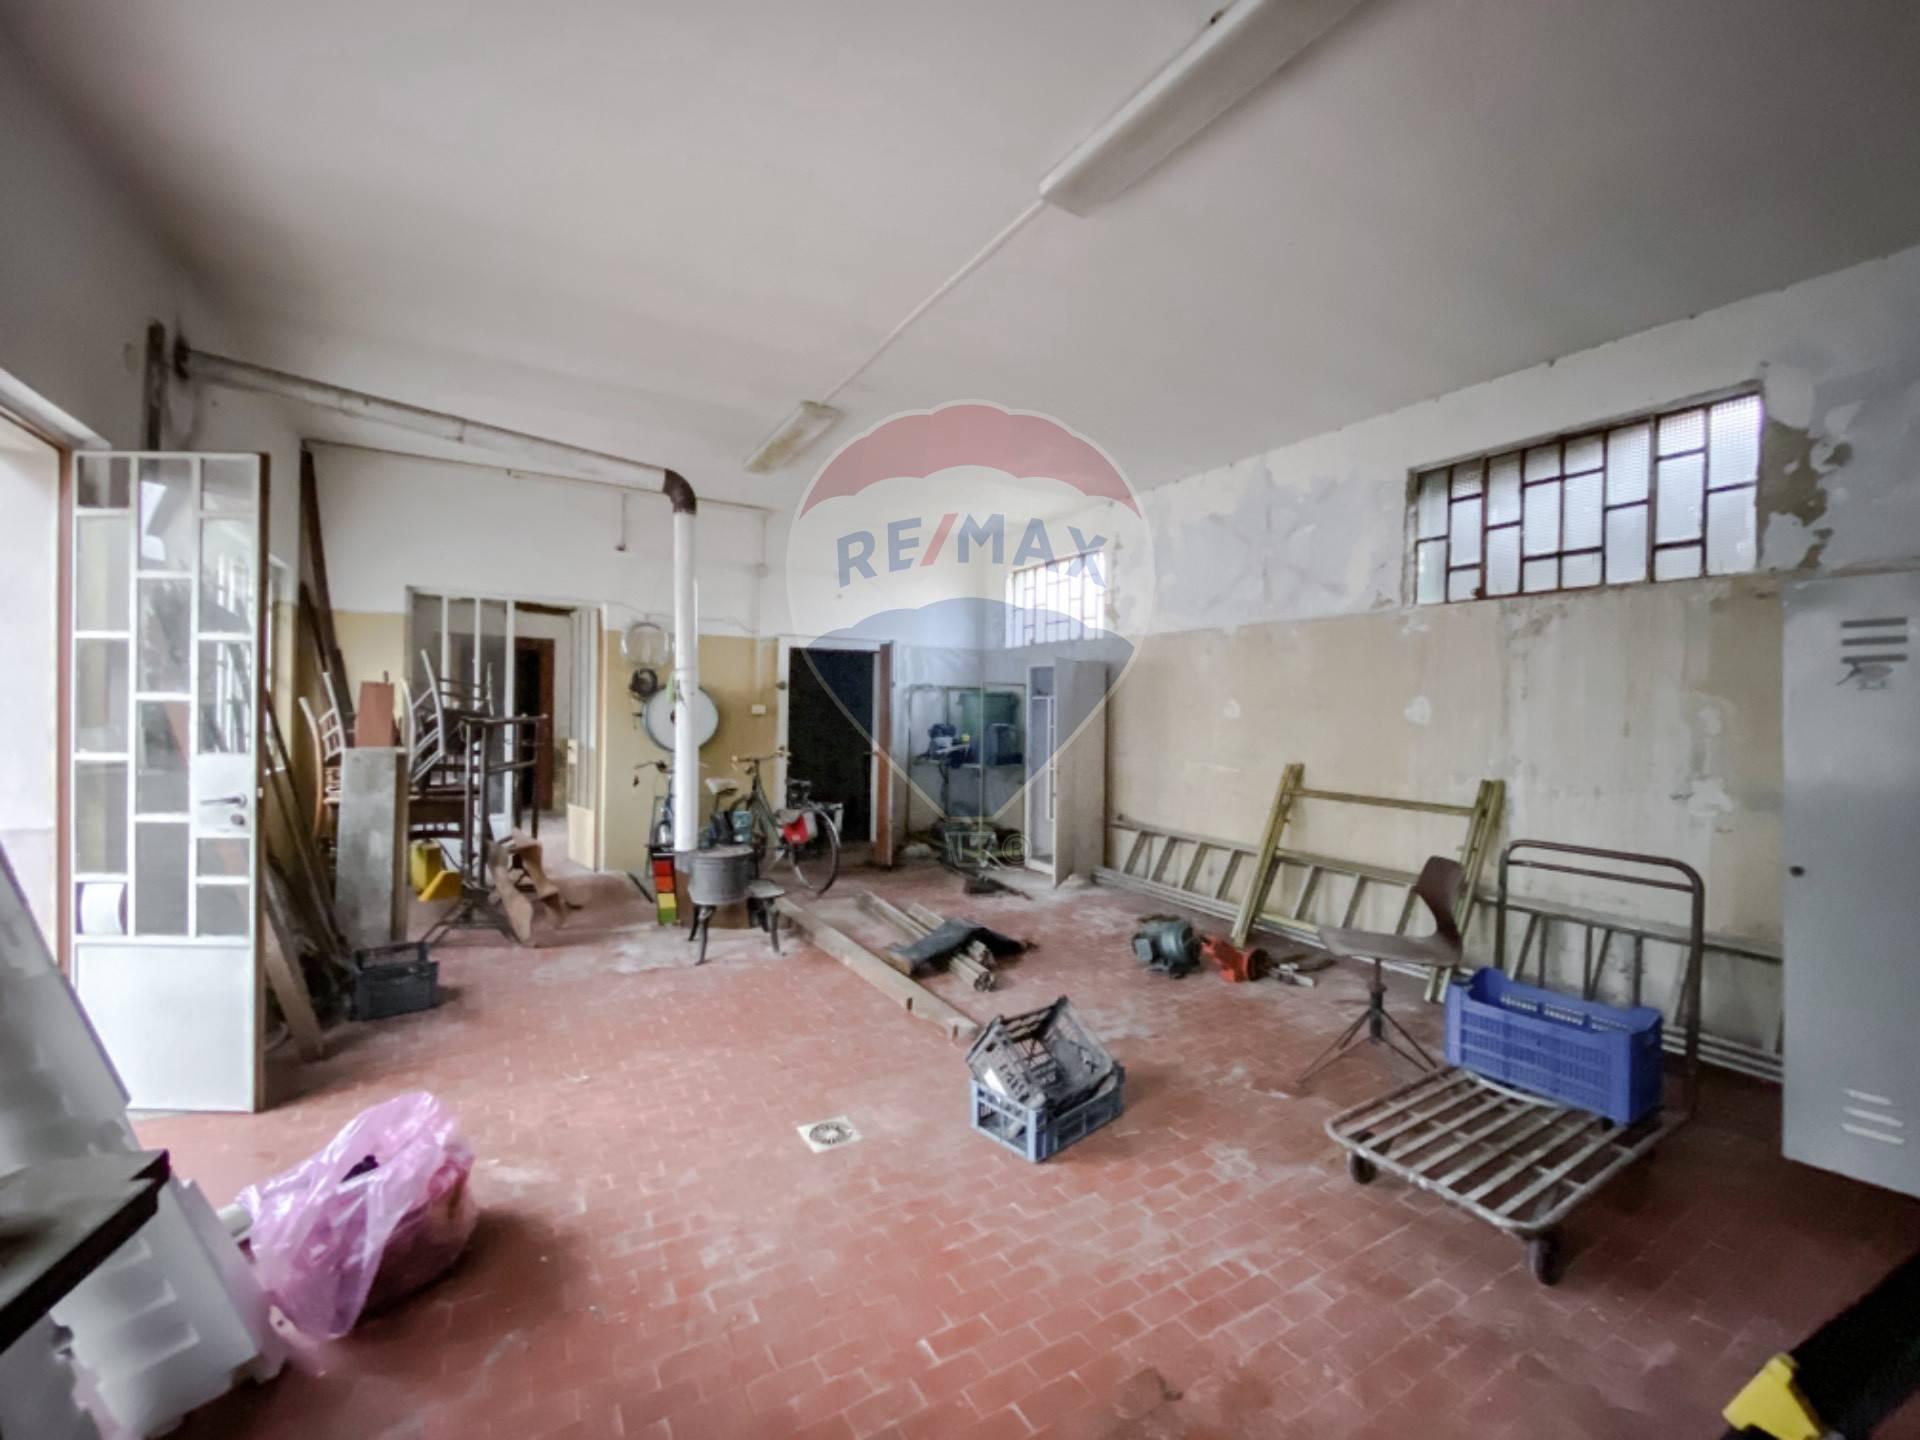 Laboratorio in vendita a Vercelli, 9999 locali, prezzo € 39.000 | CambioCasa.it